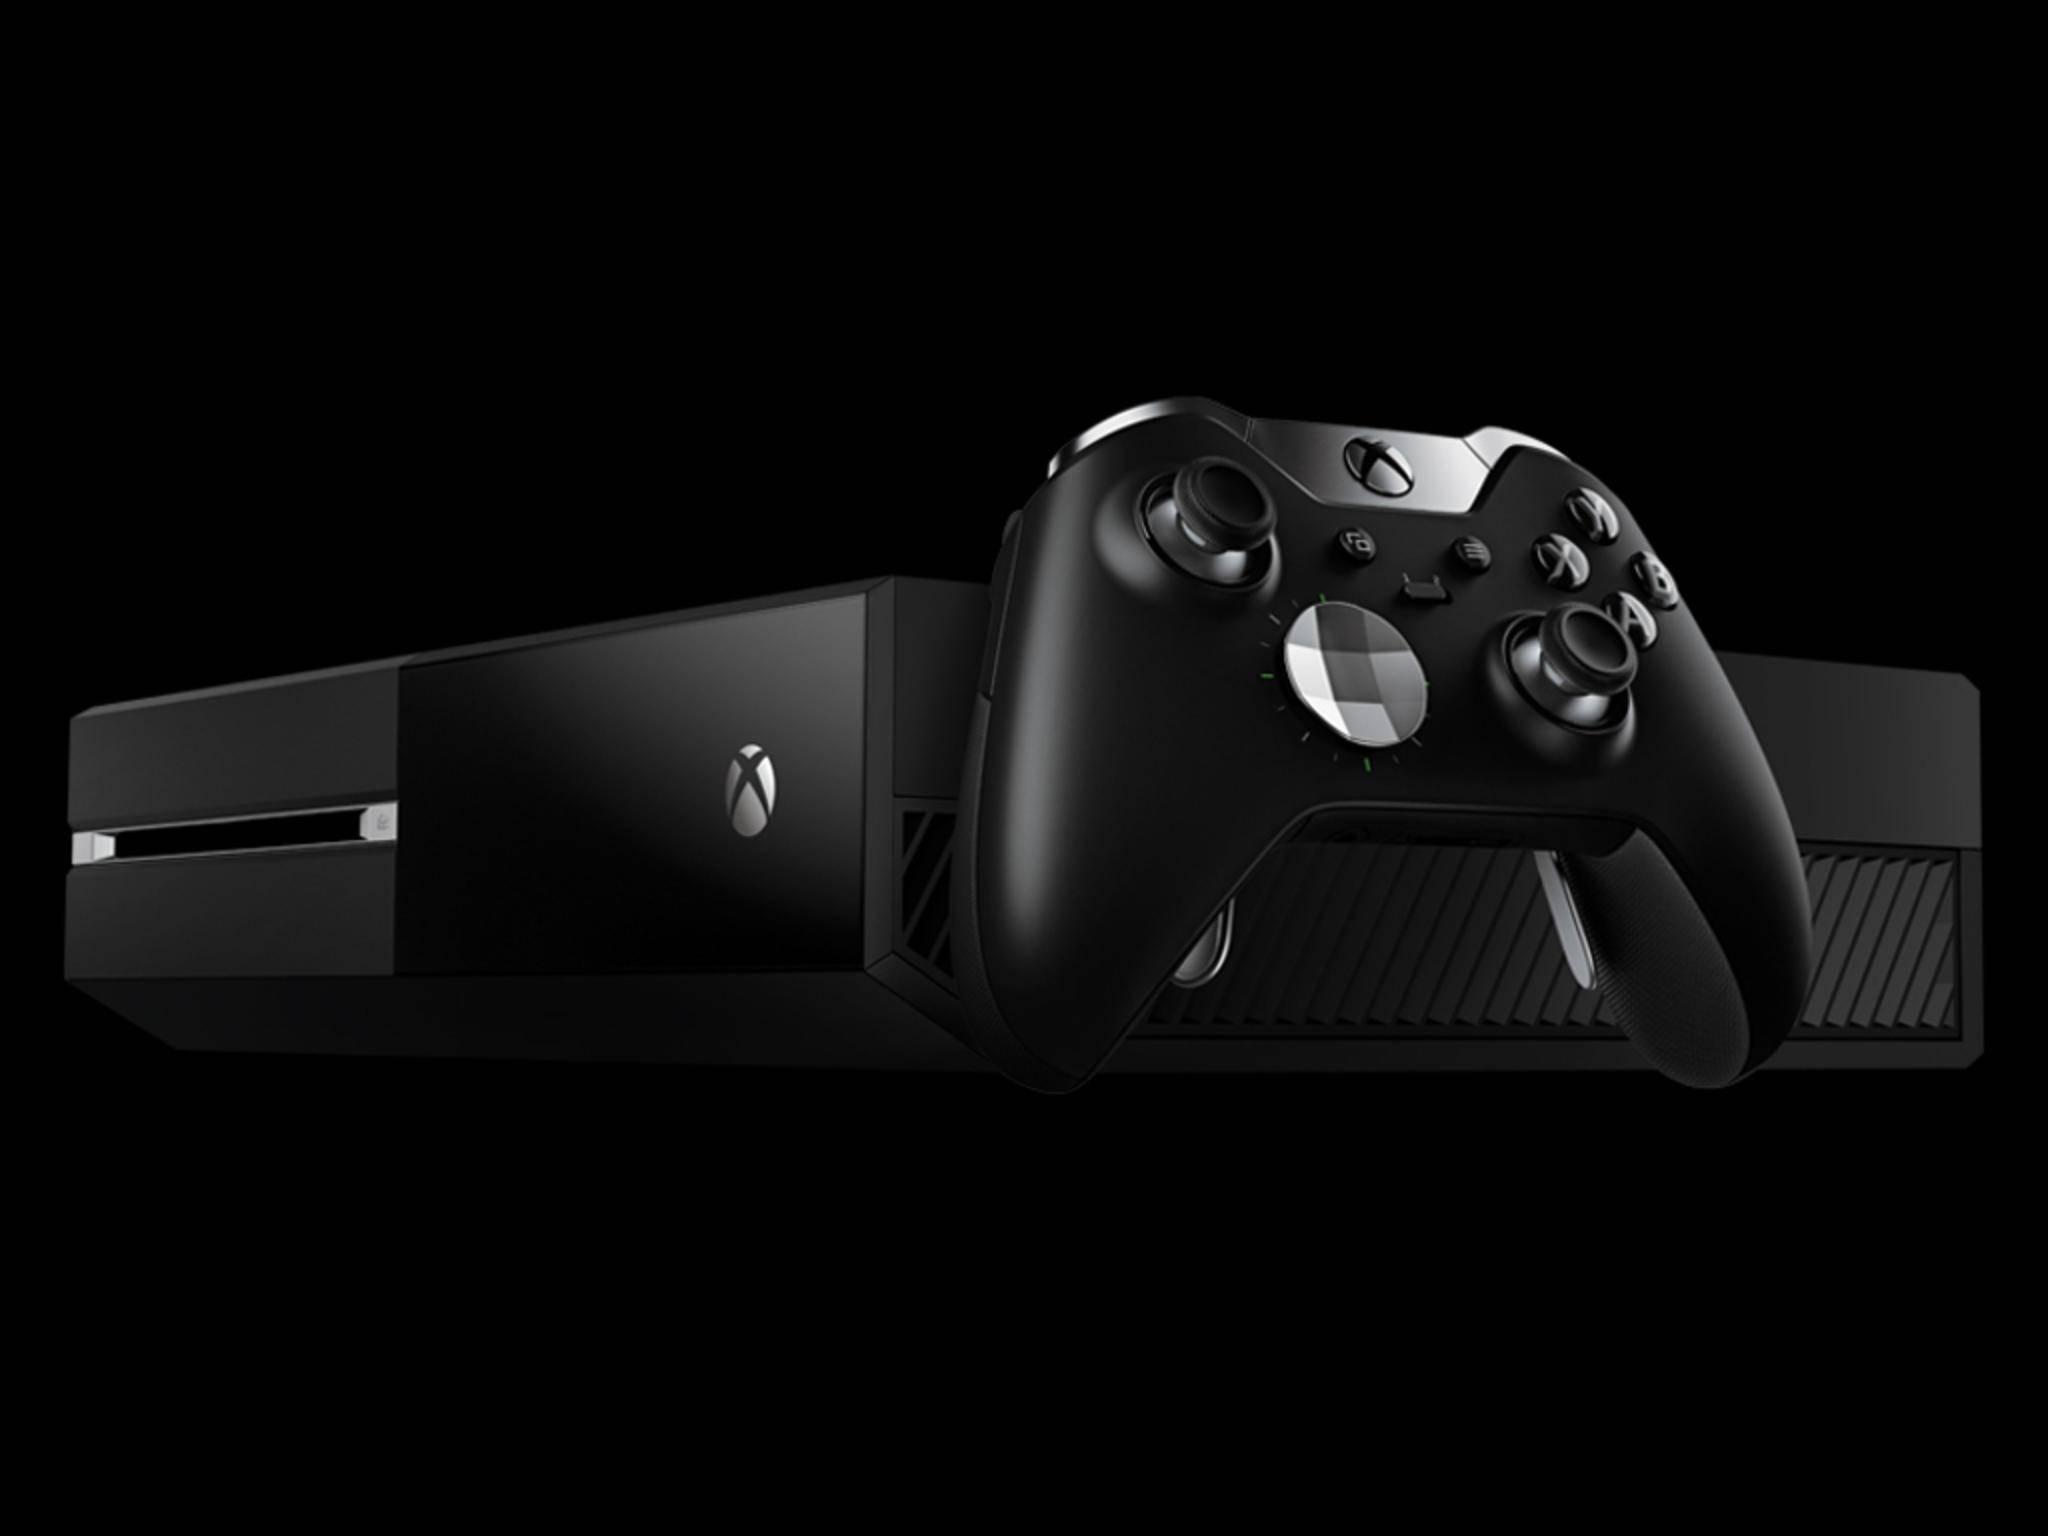 Lassen sich Download-Spiele auf Xbox One bald wieder verkaufen?